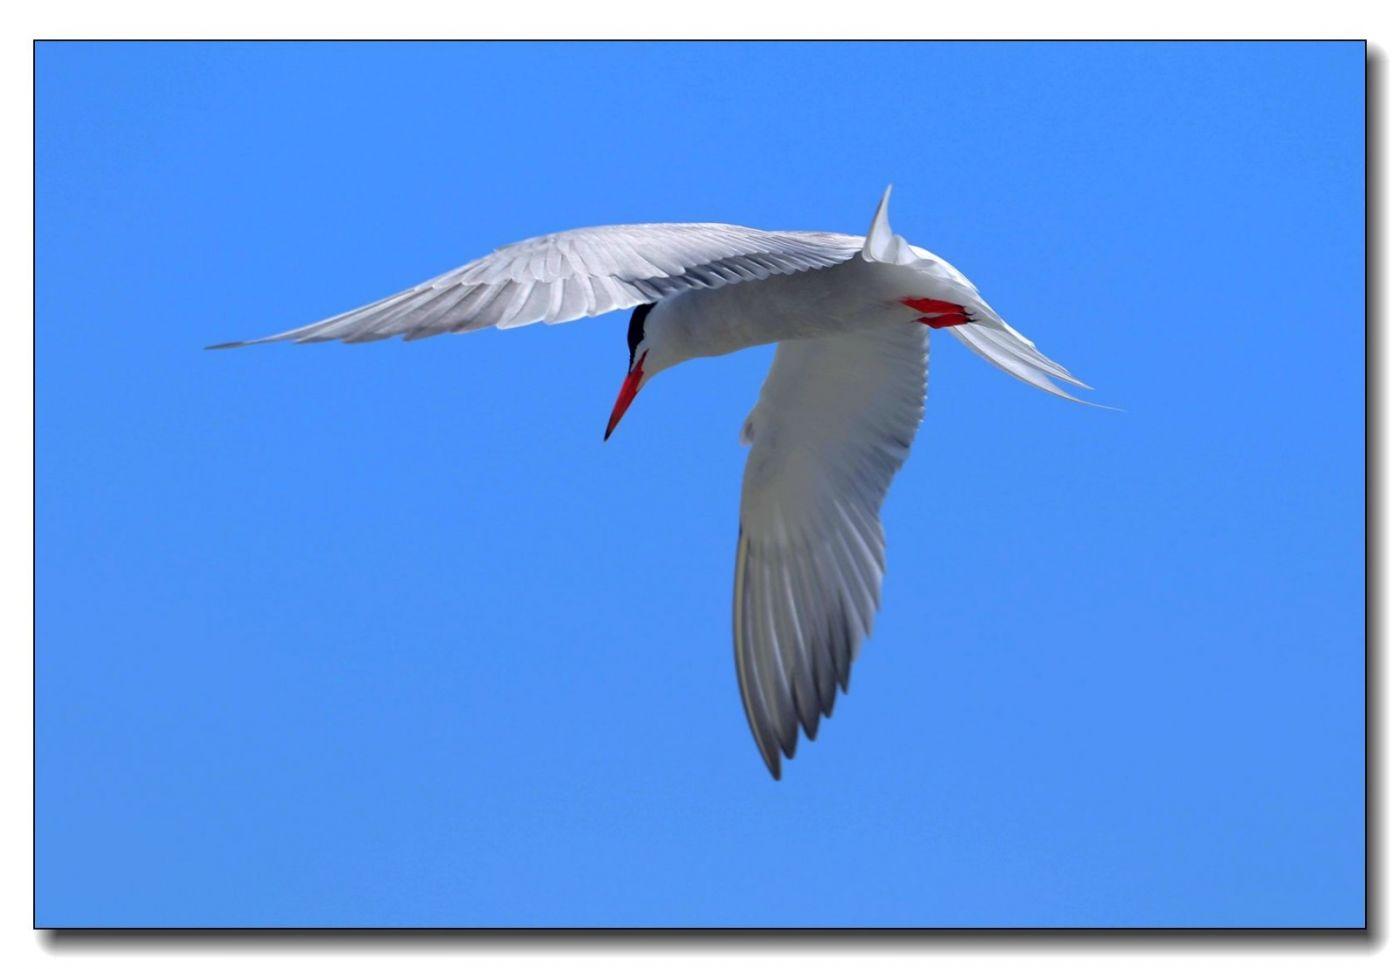 洛克威海滩拍鸟-燕鸥_图1-3